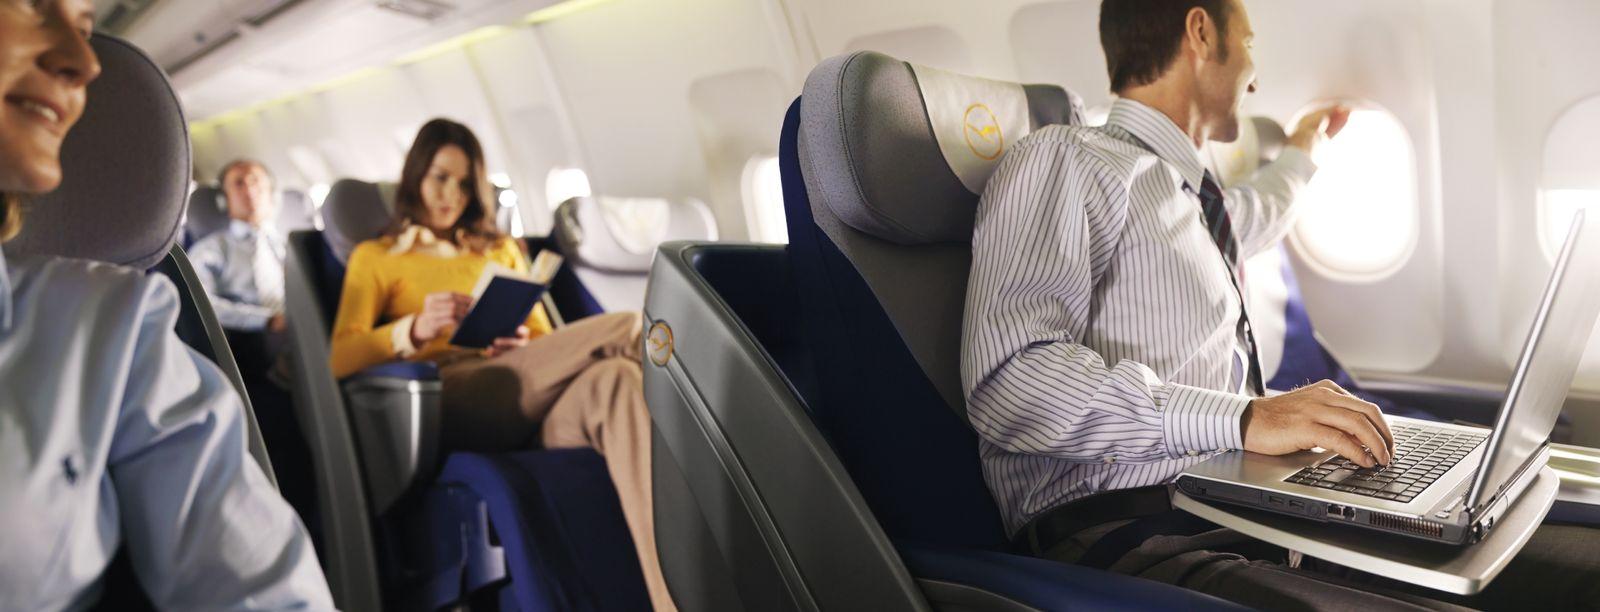 EINMALIGE VERWENDUNG Laptop-Nutzung im Flugzeug